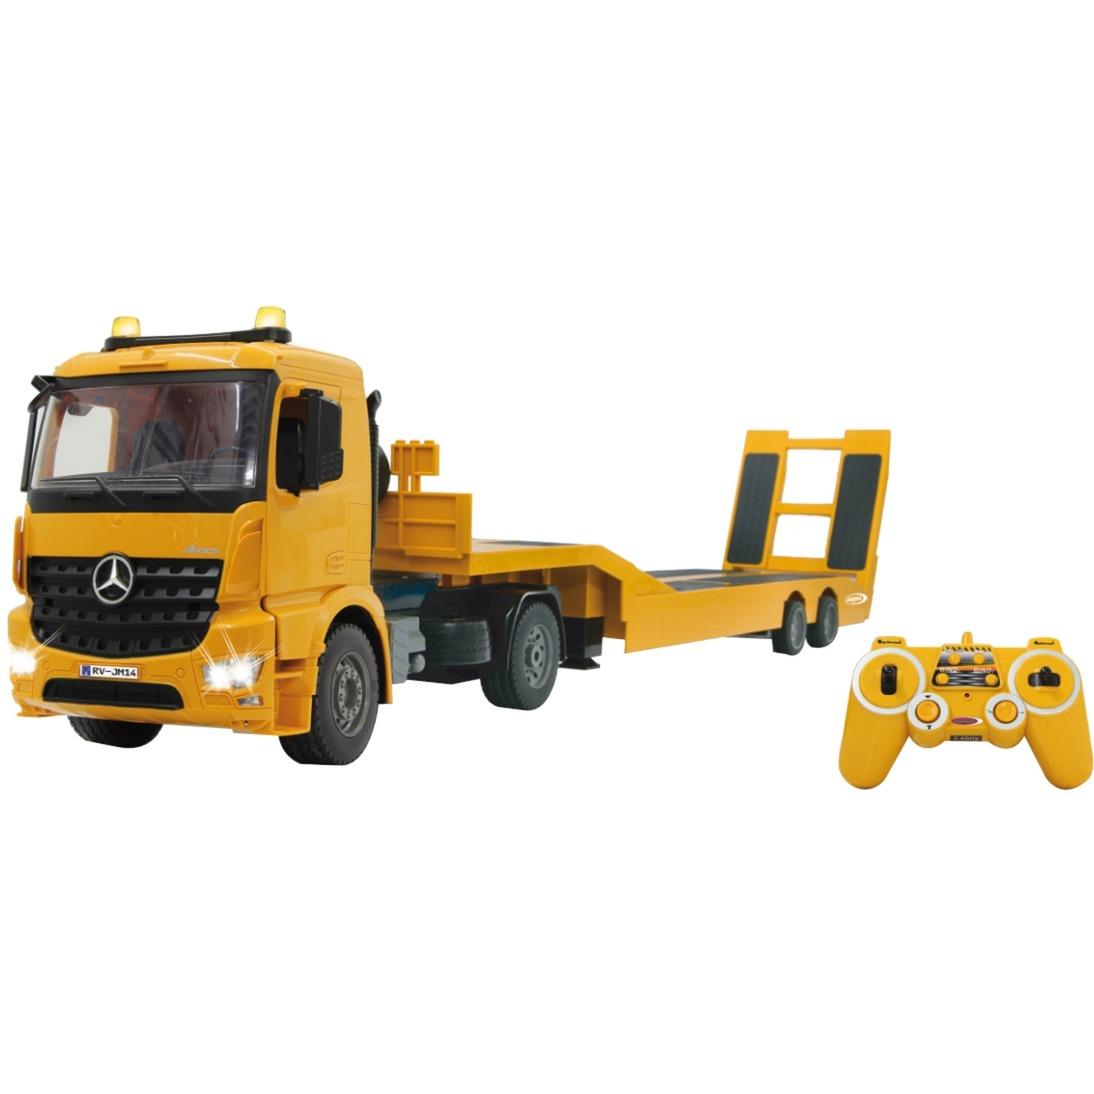 405107 On-road truck Motor eléctrico 1:20 vehículo de tierra por radio control (RC), Radiocontrol